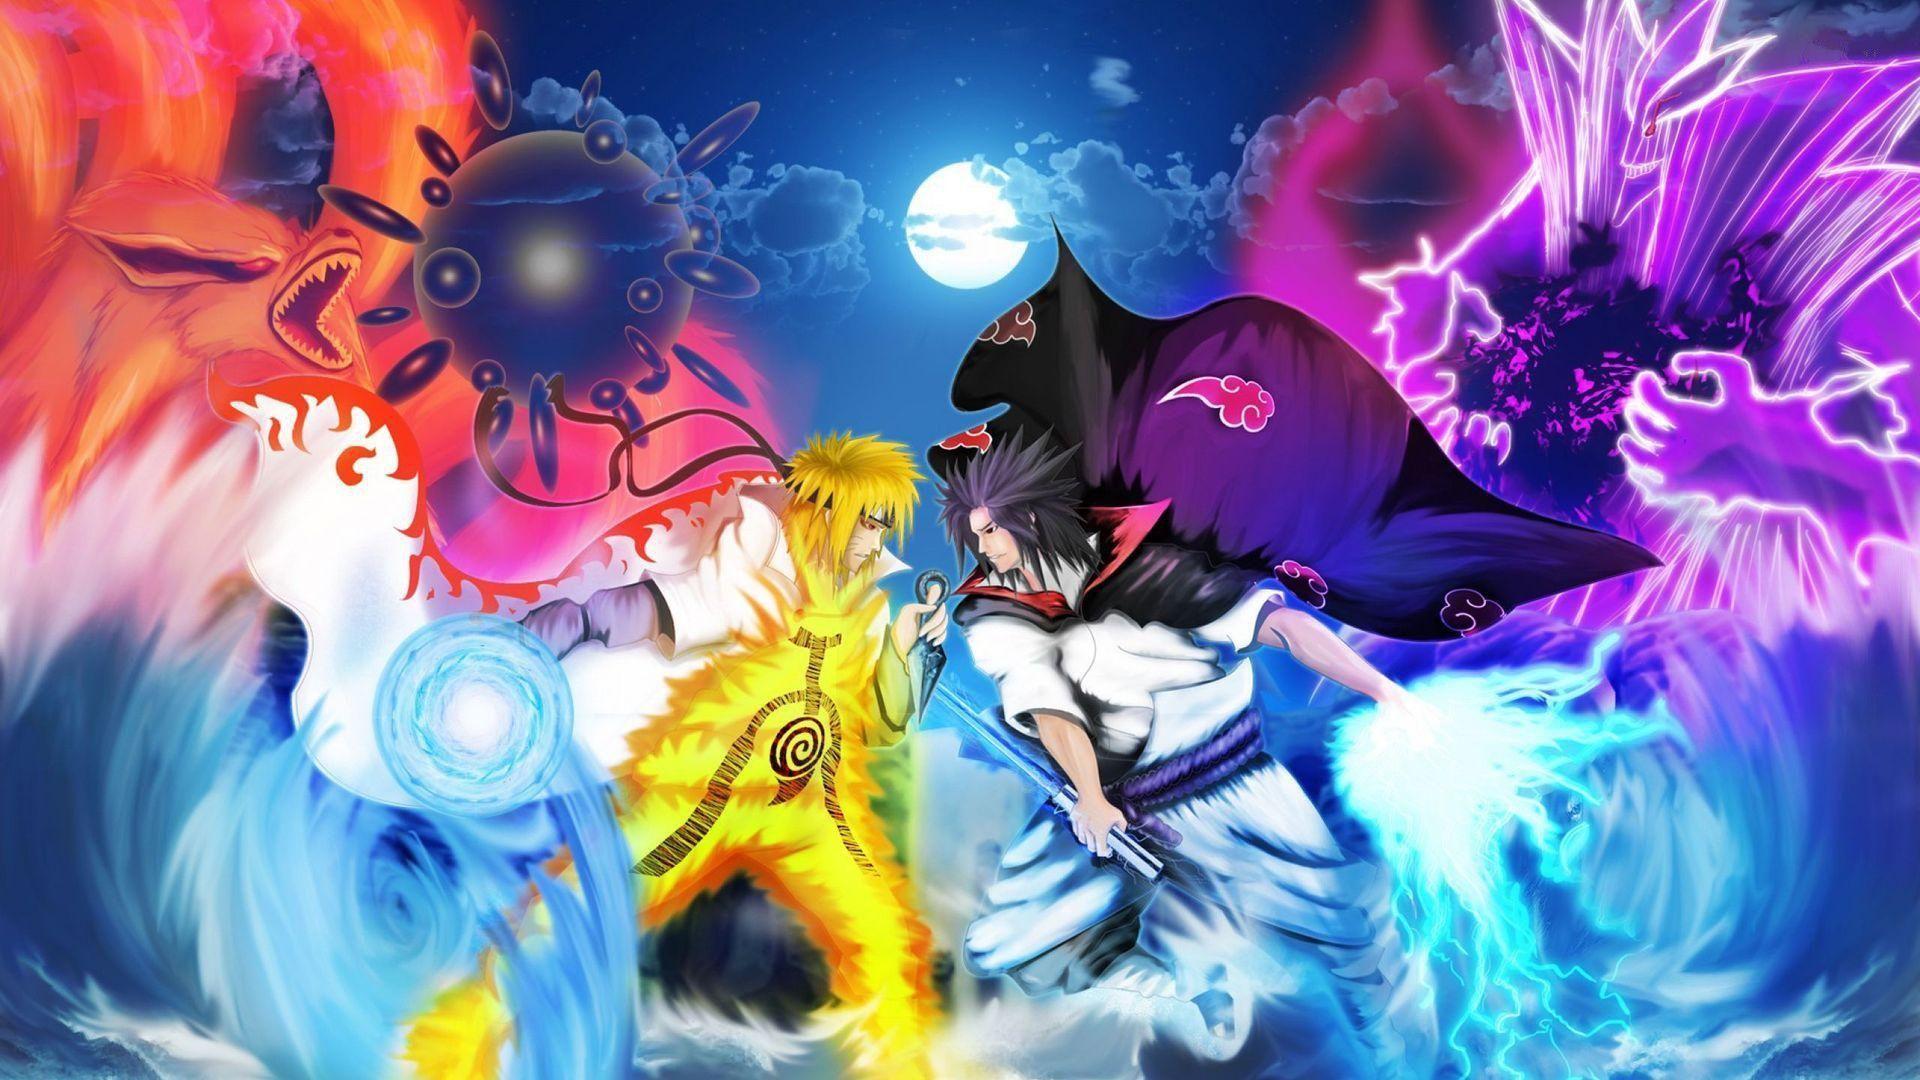 Naruto Vs Sasuke 1920x1080 Anime Image Cool Anime Wallpapers Anime Wallpaper Hd Anime Wallpapers